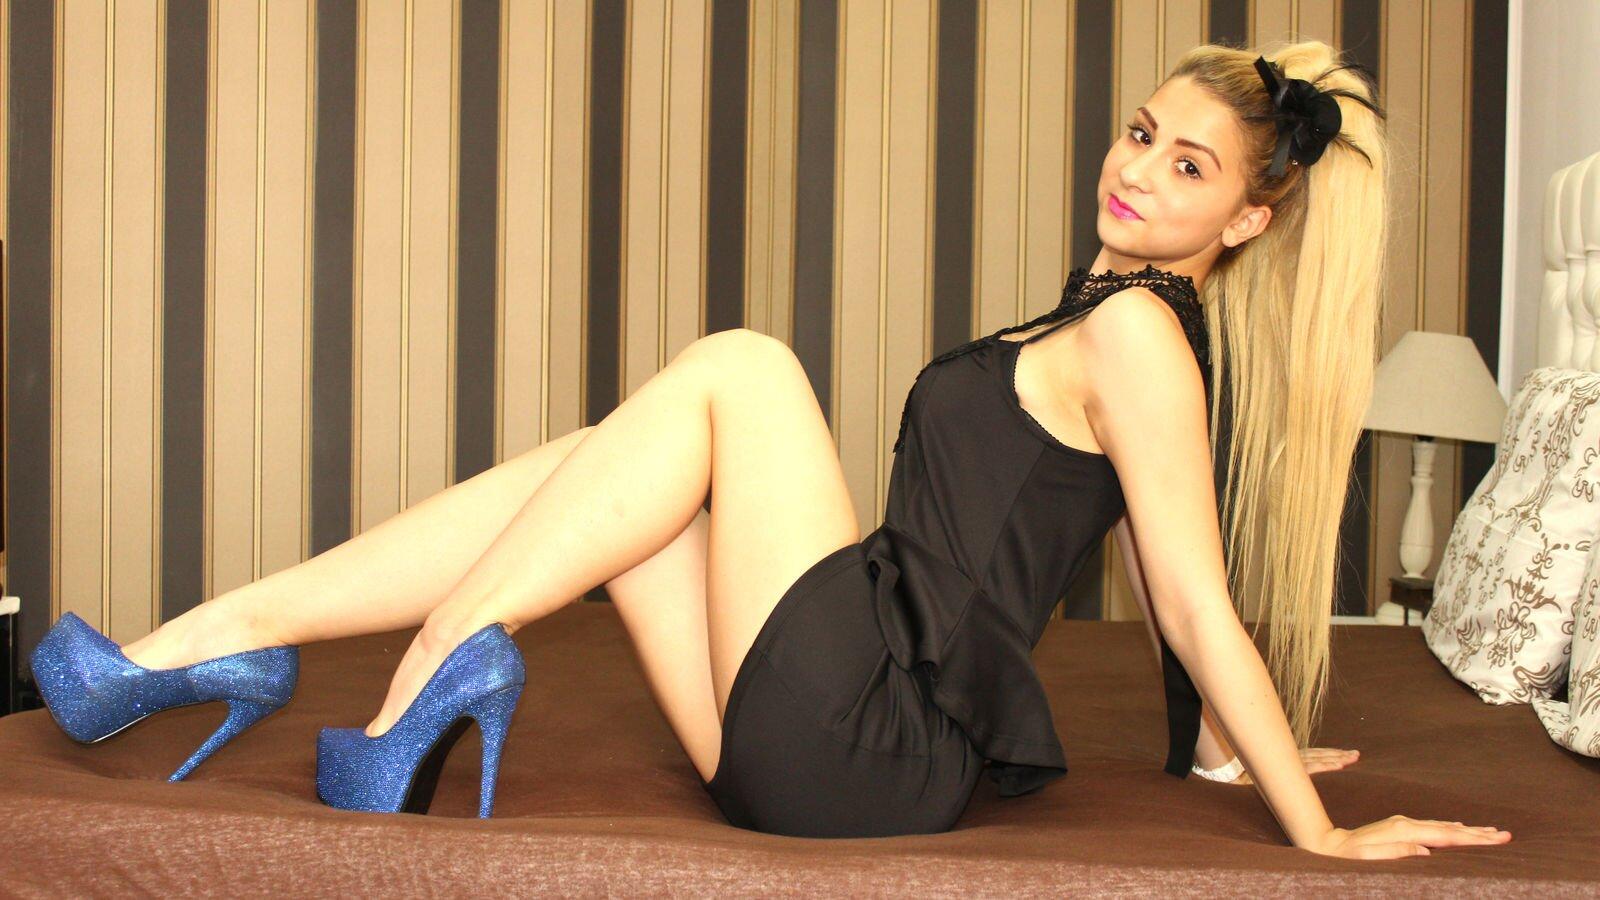 BlondeLucie